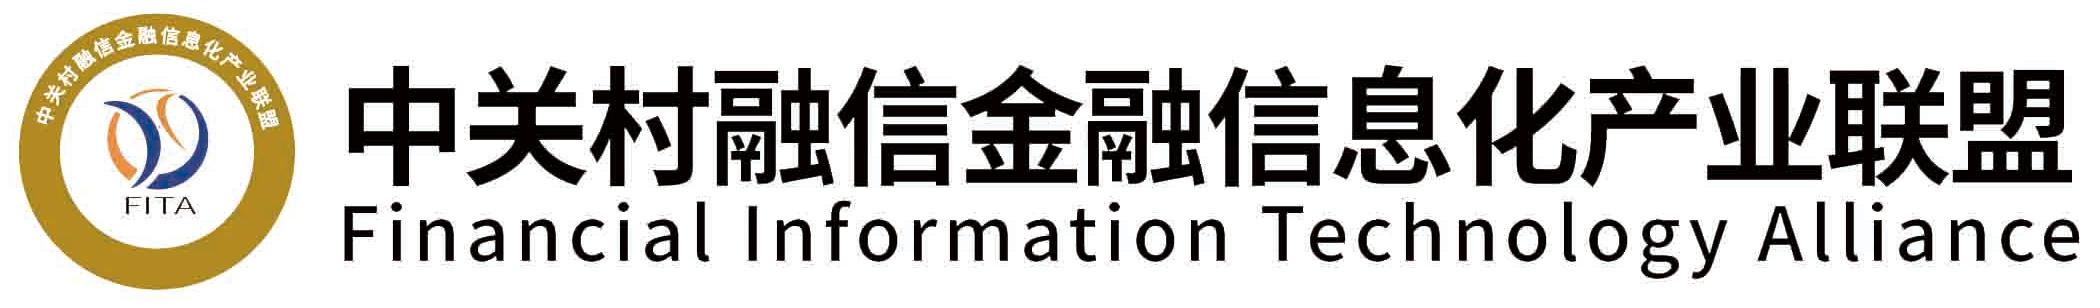 中关村融信金融信息化产业联盟